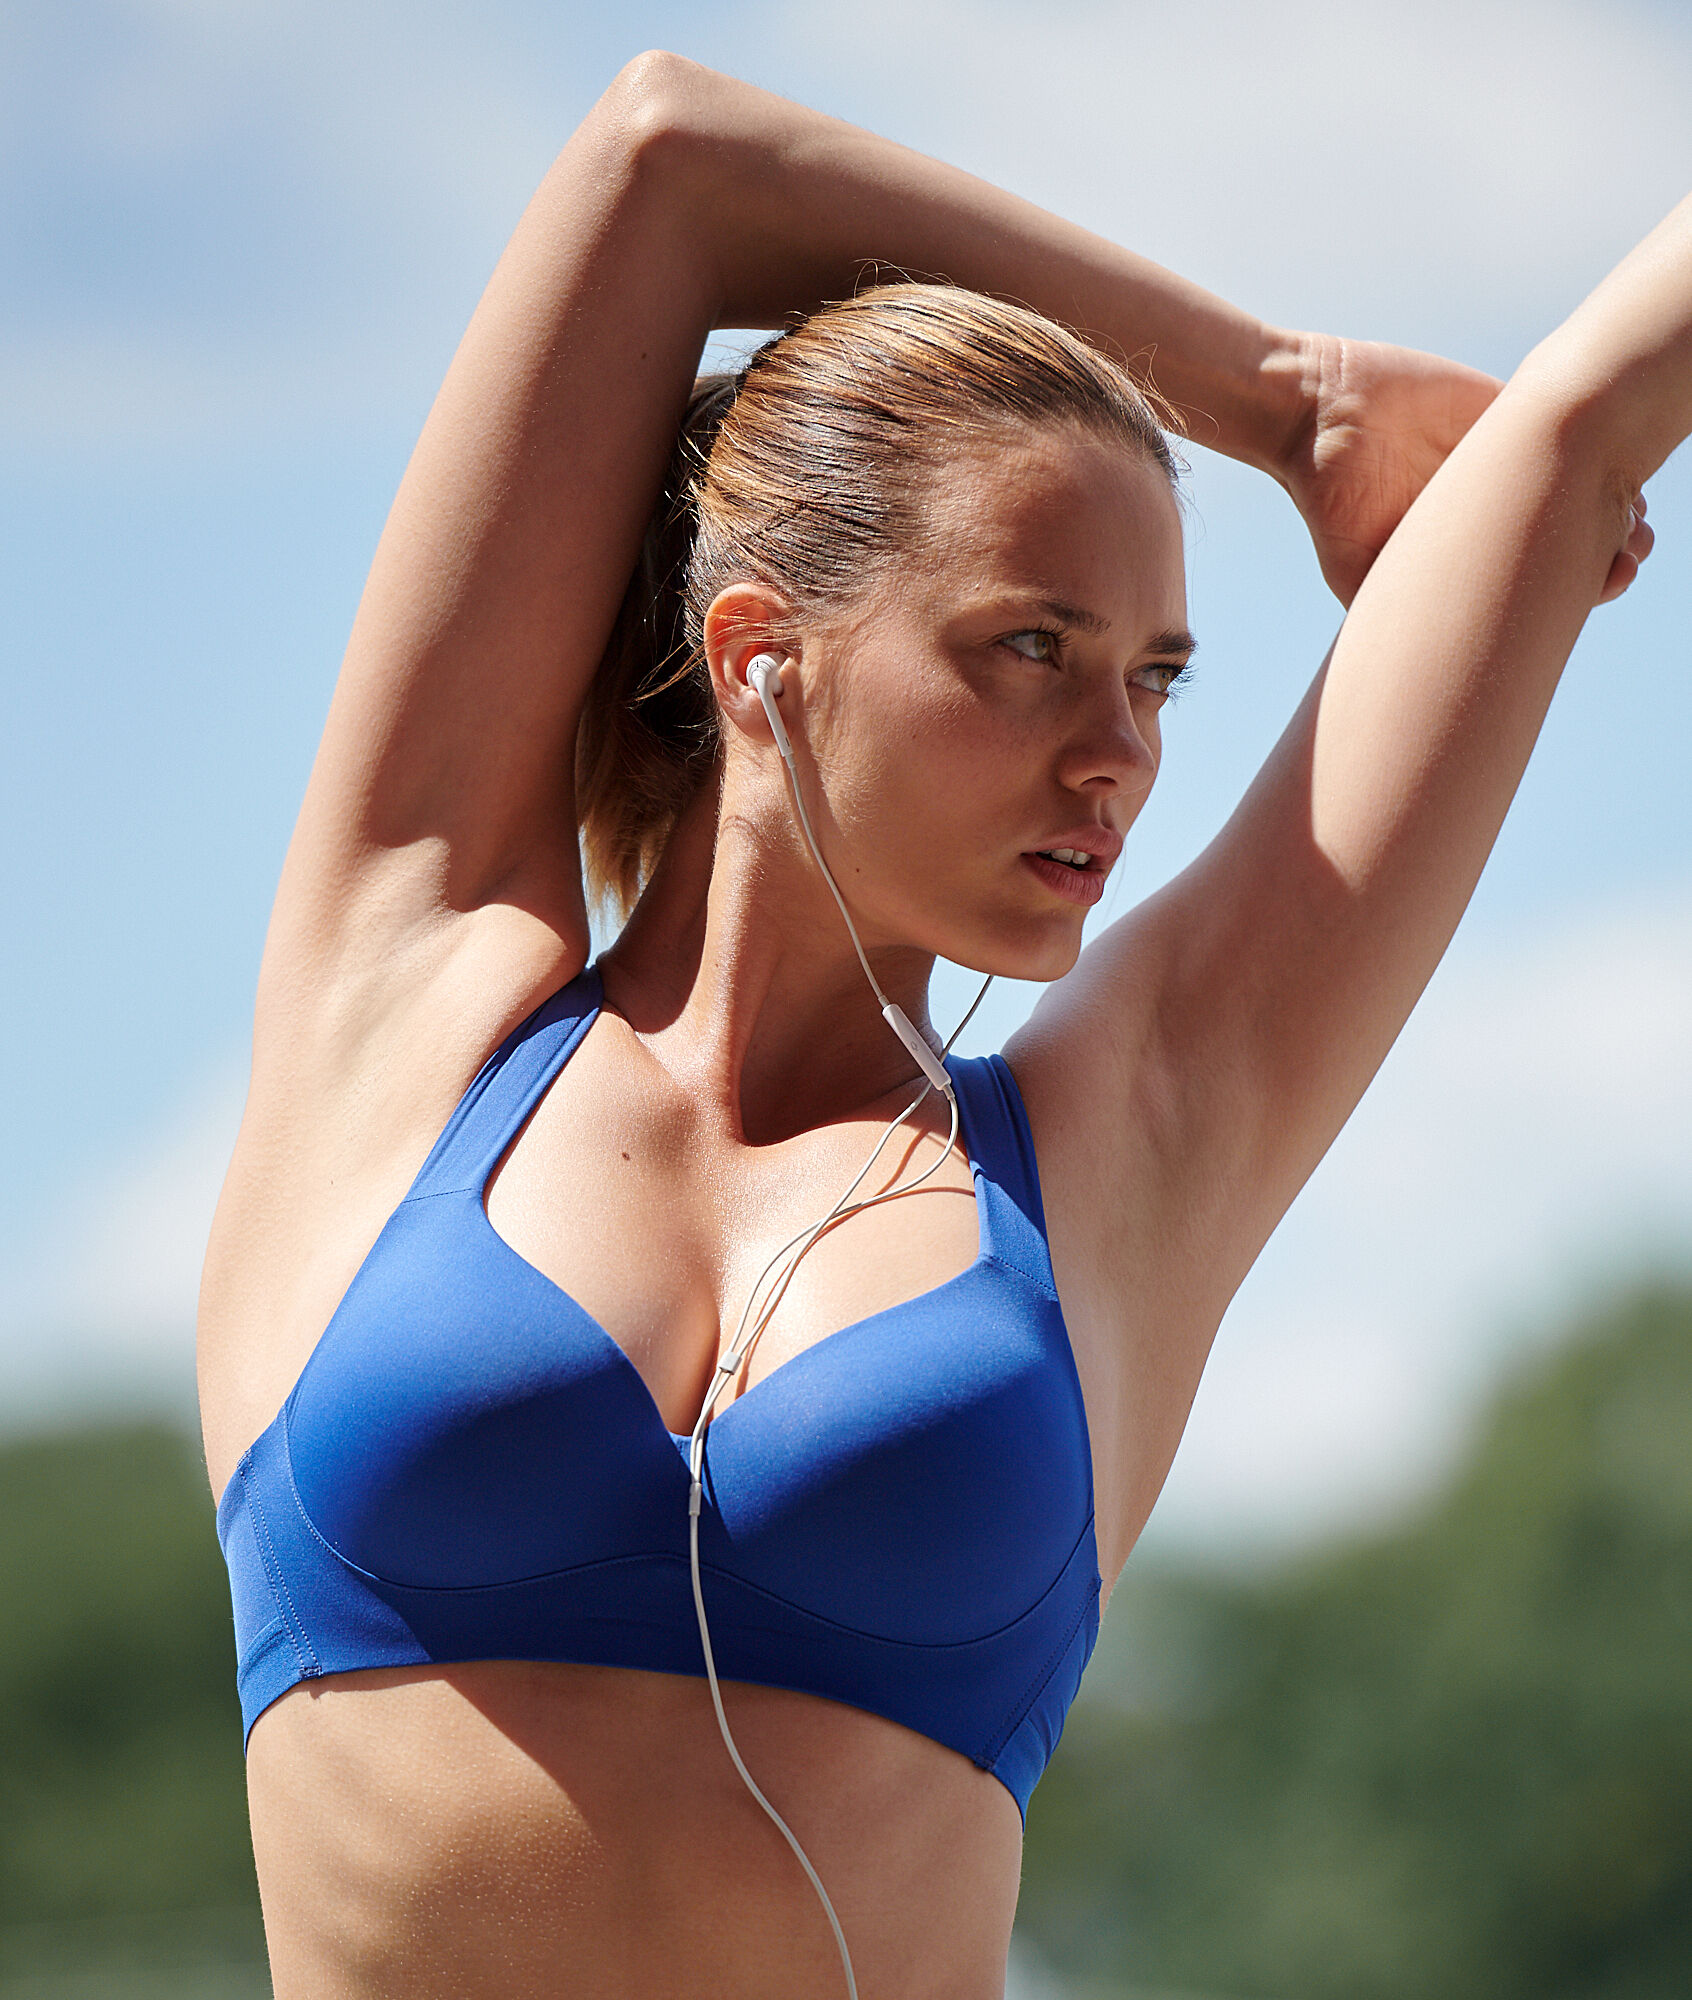 Спортивный бюстгальтер с кружевной спинкой - сильная поддержка - ALEXIS - Пороховая синь - 70B